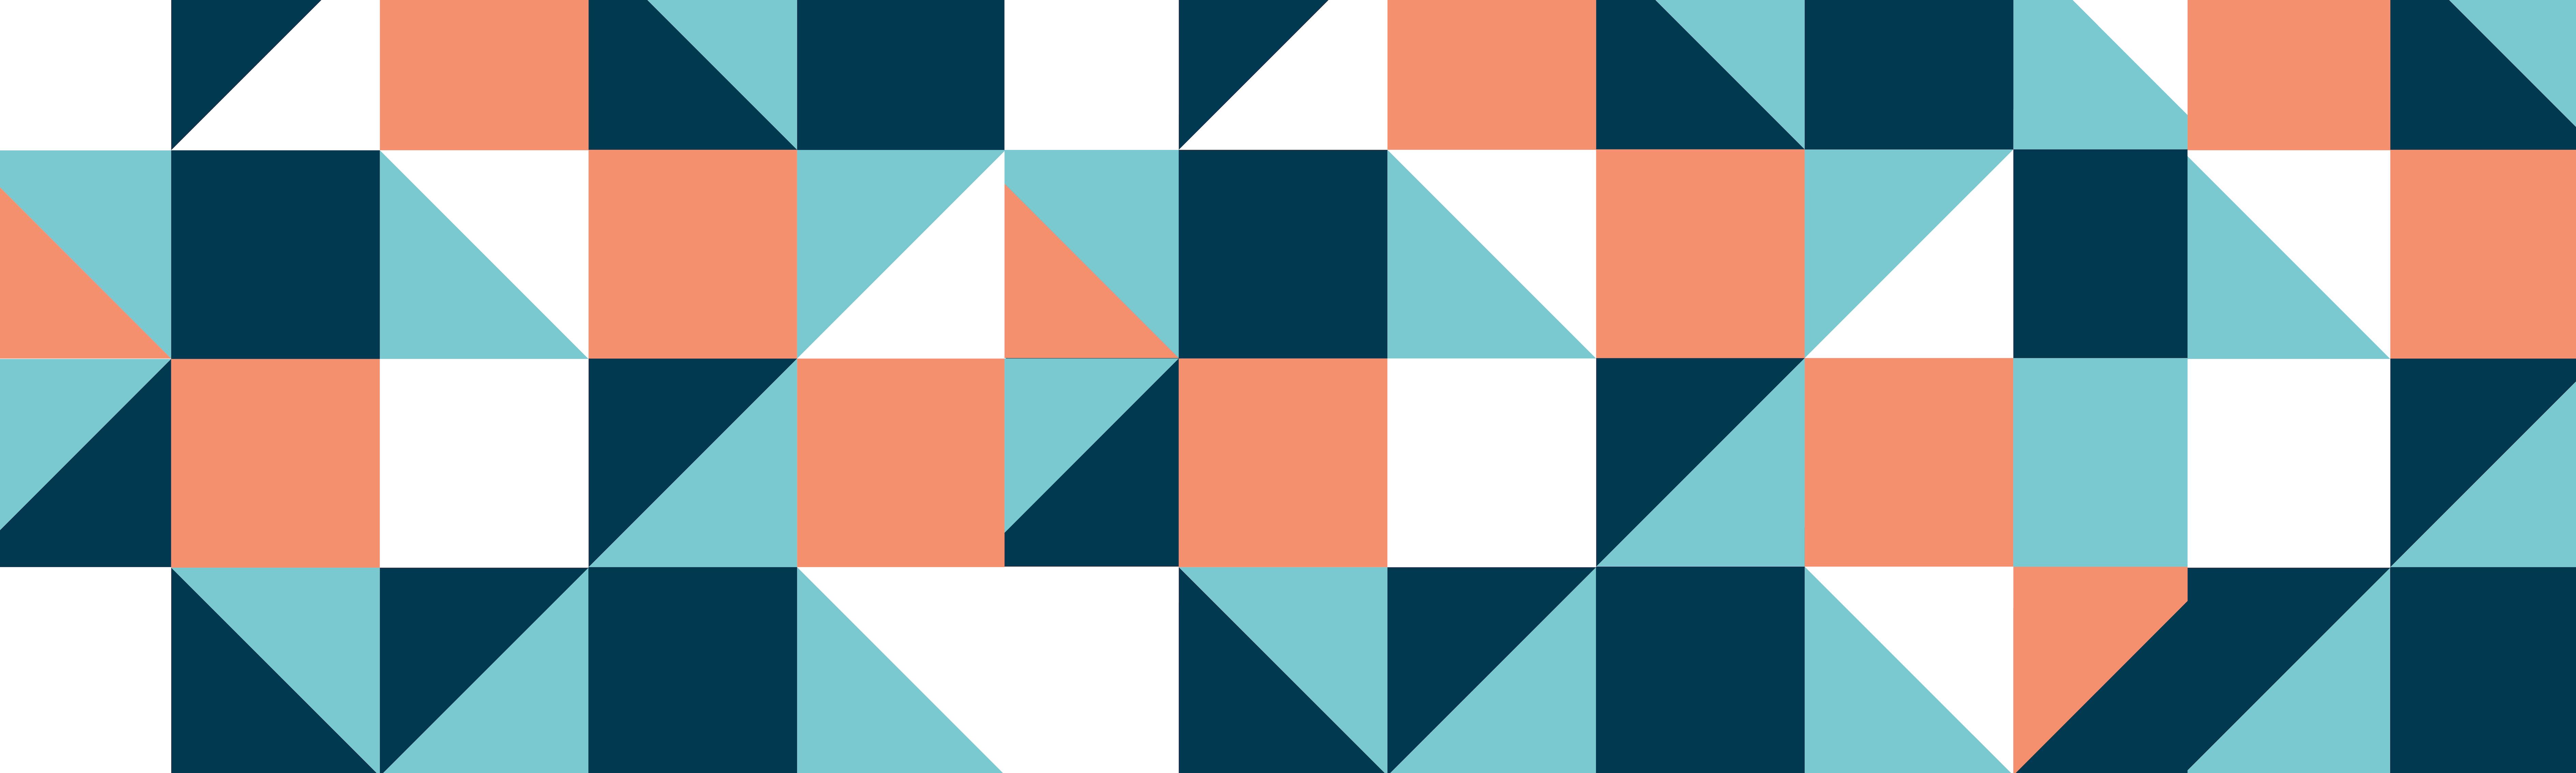 studiobornholm.dk farve logo